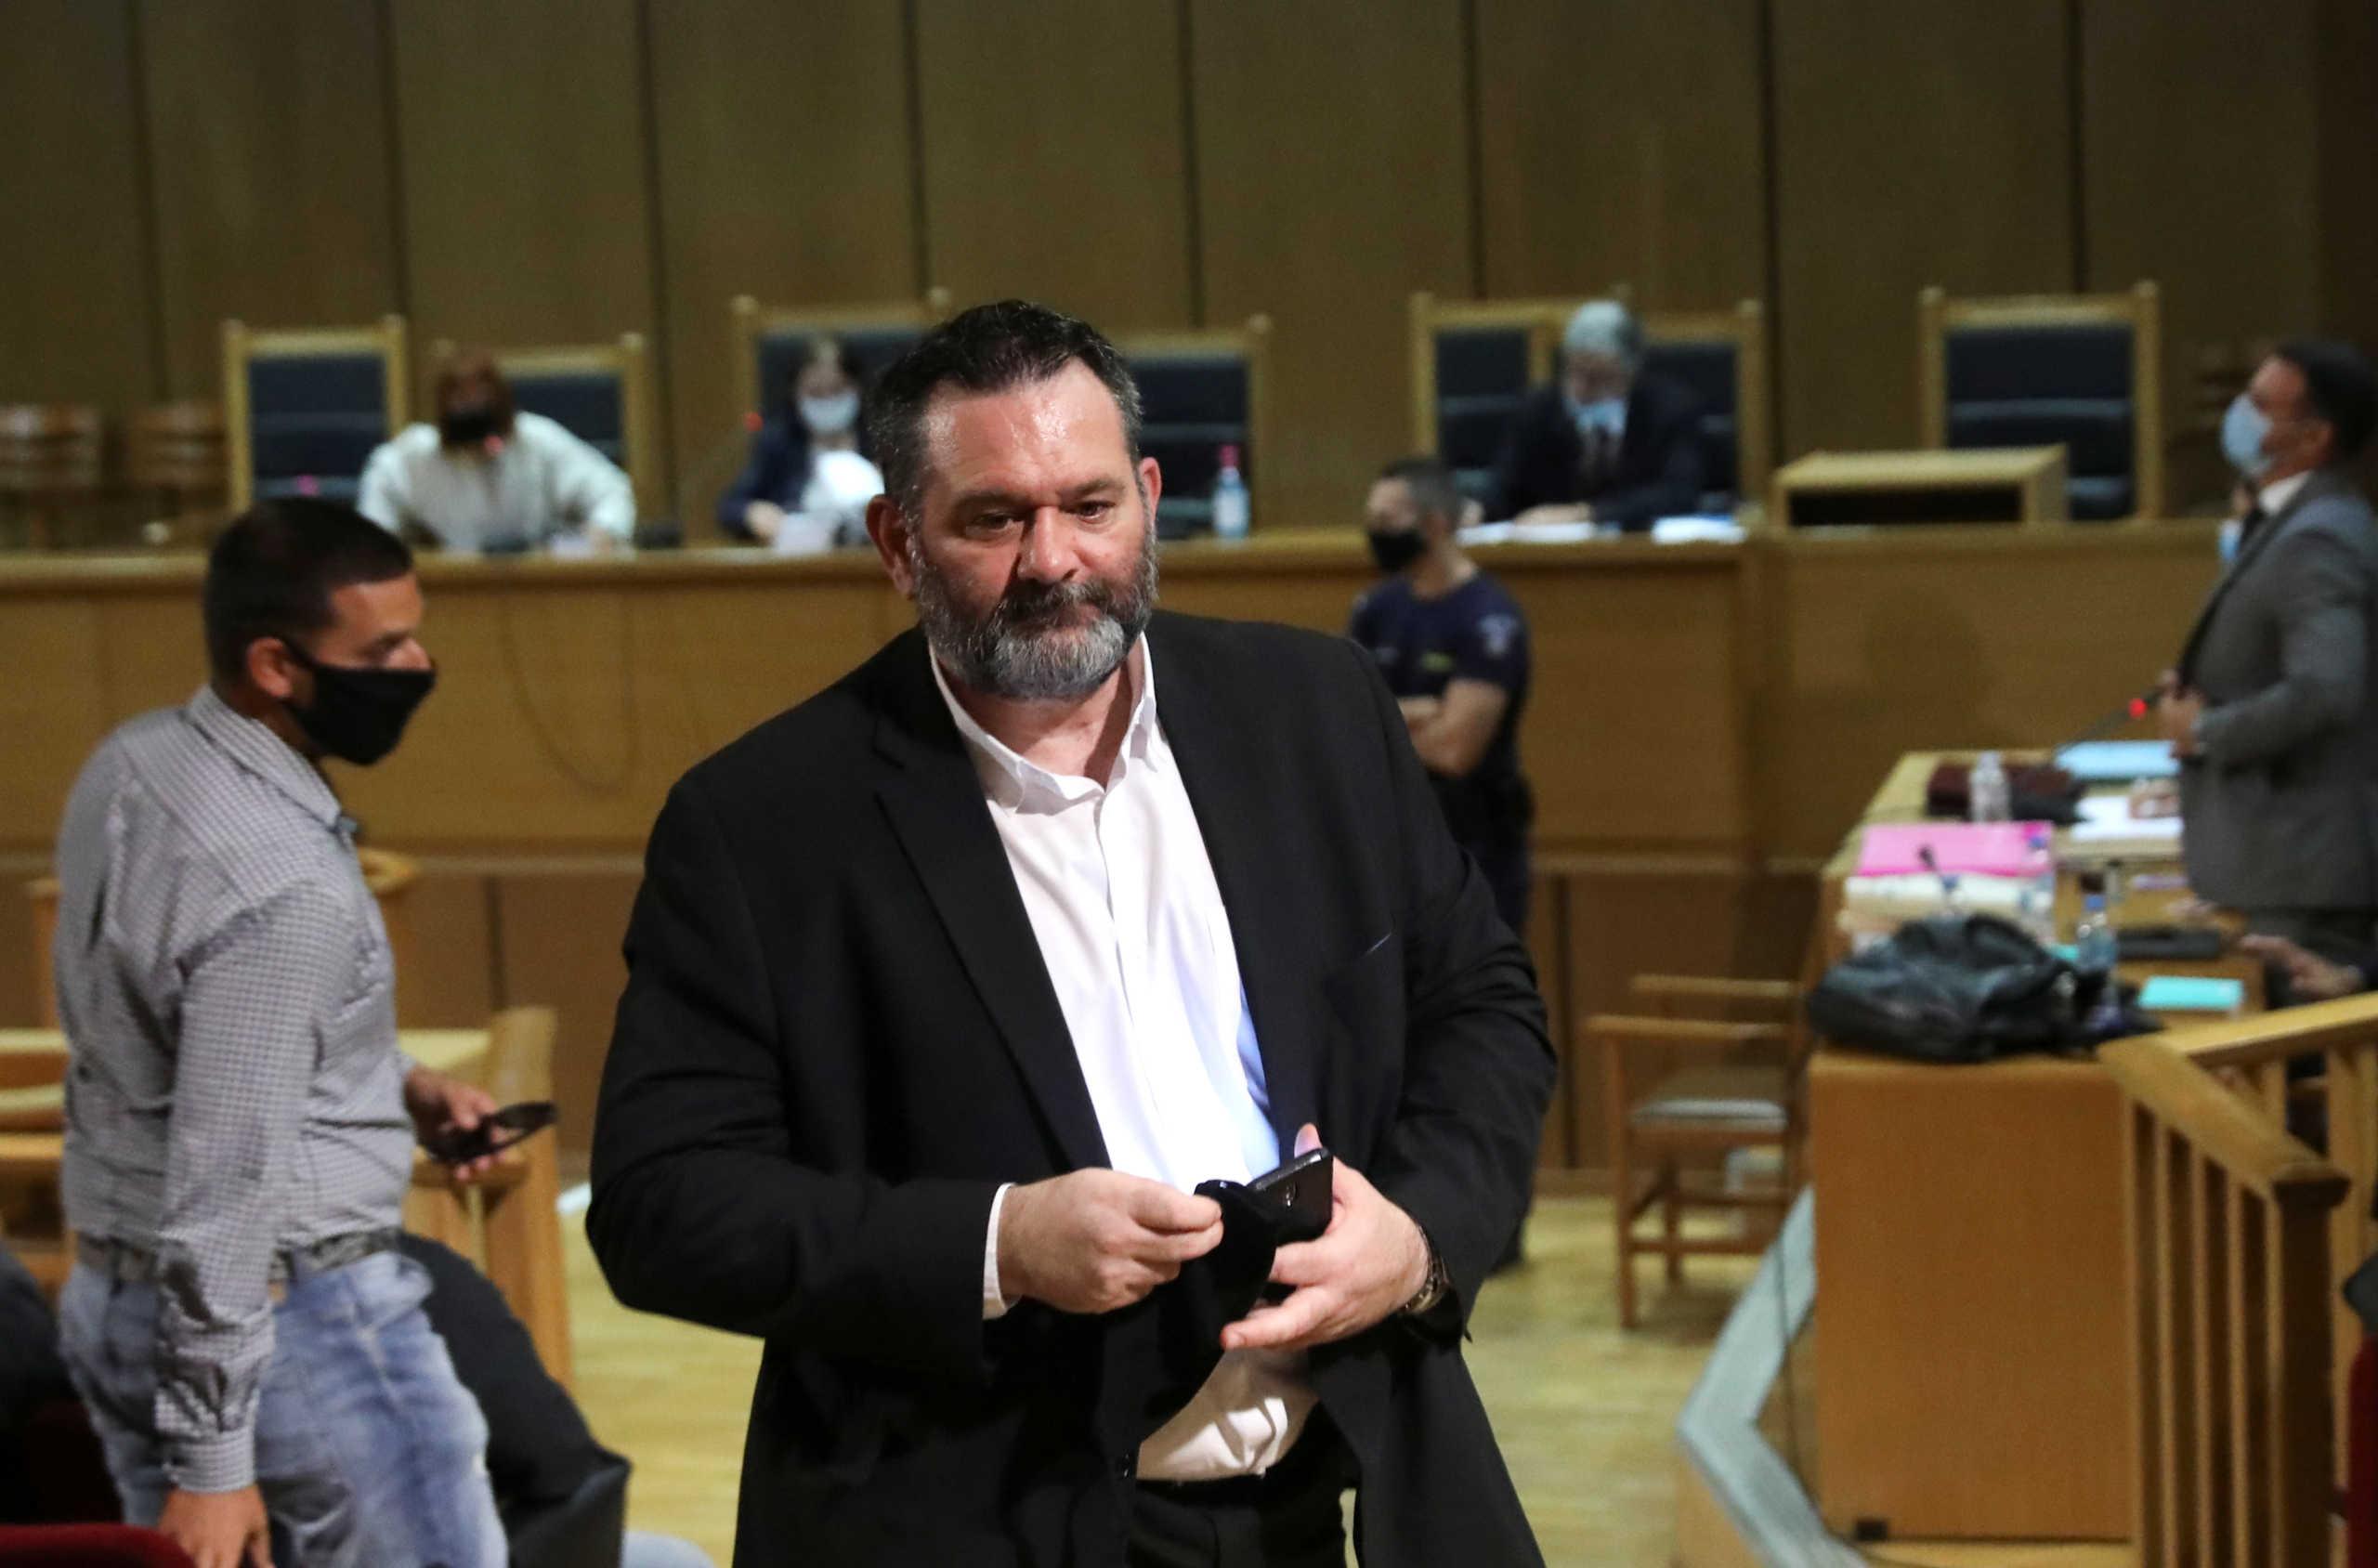 Προκλητικός κι από… μακριά ο Λαγός: Εξώδικο στη Σακελλαροπούλου, αγωγή 100.000€ σε ΜΜΕ